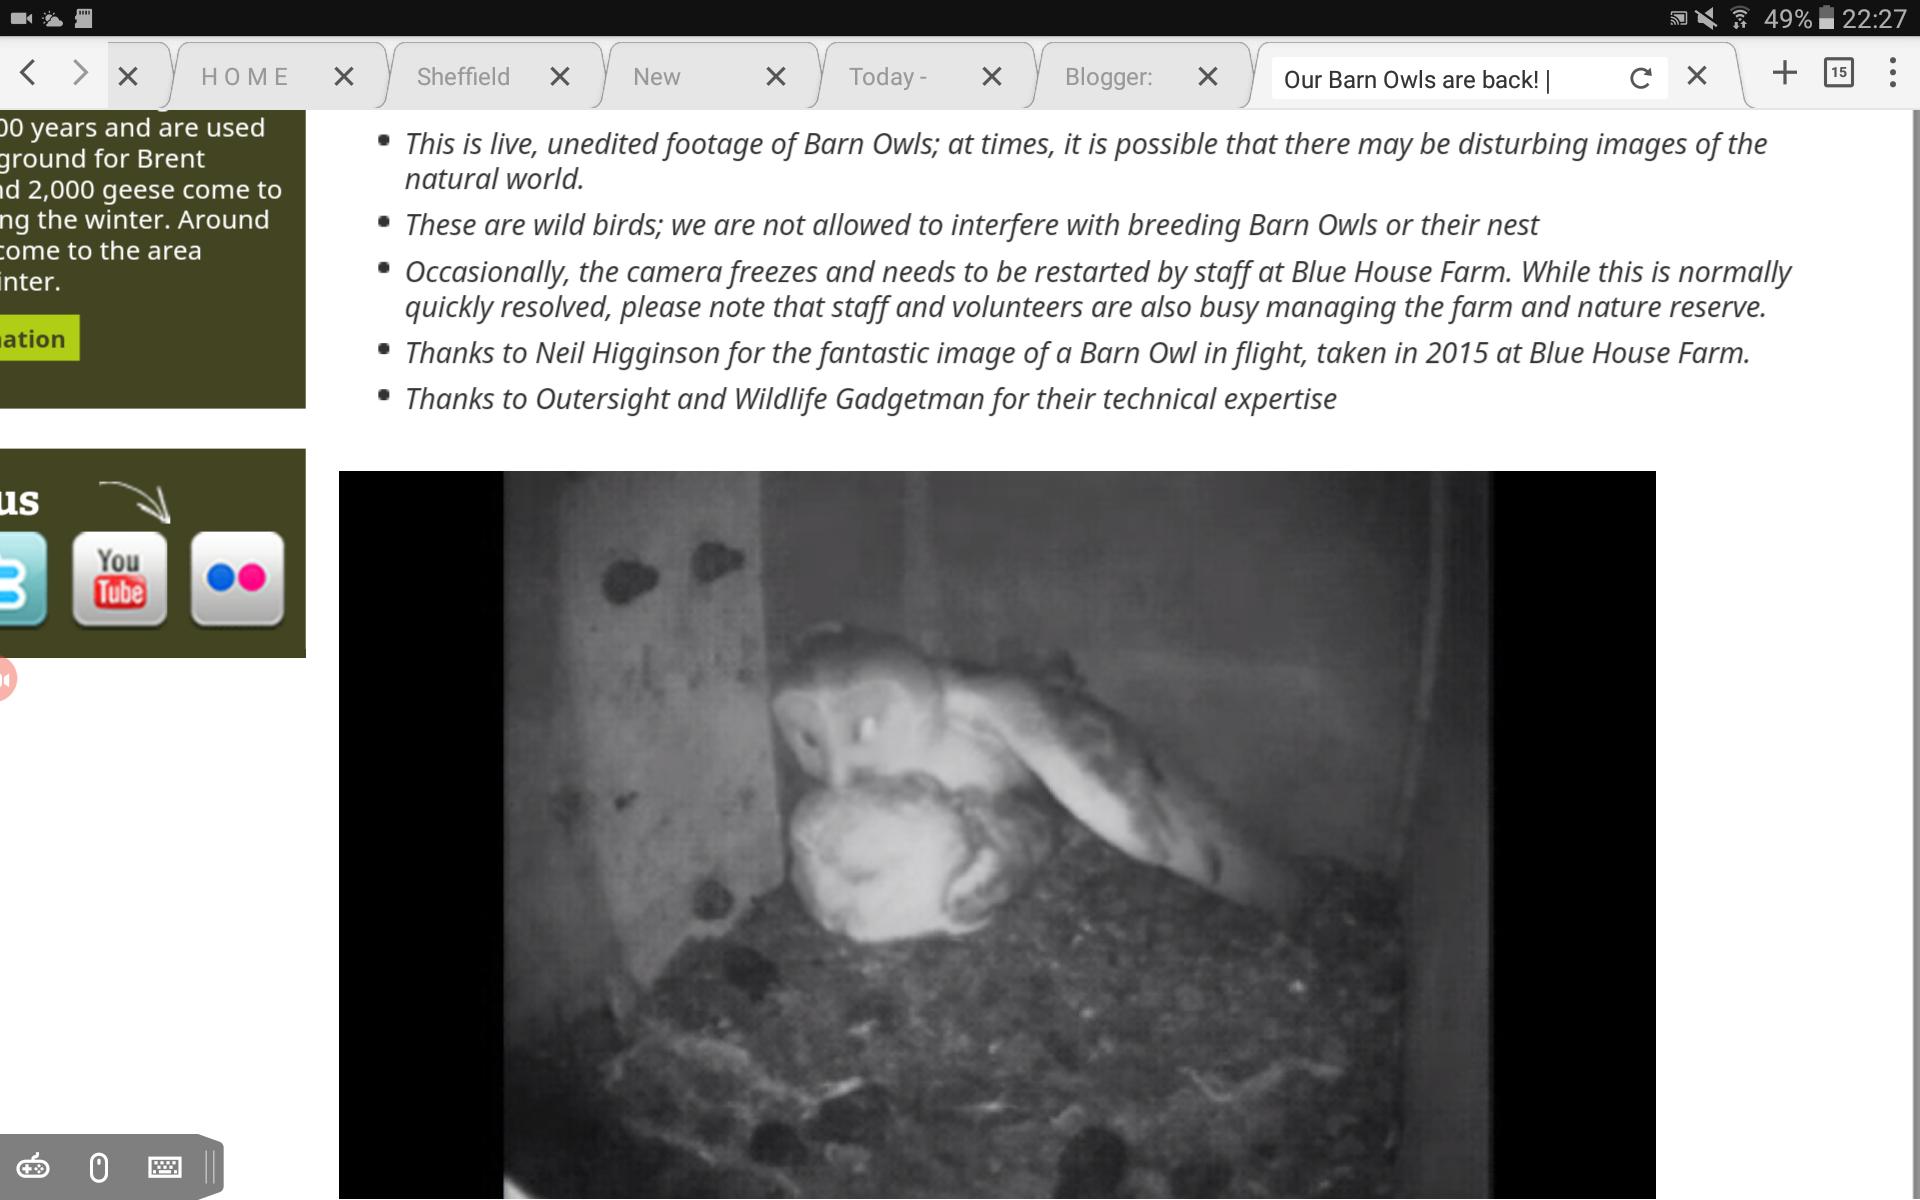 blue house farm barn owls 2017 (c)essex wildlife trust - wildlife